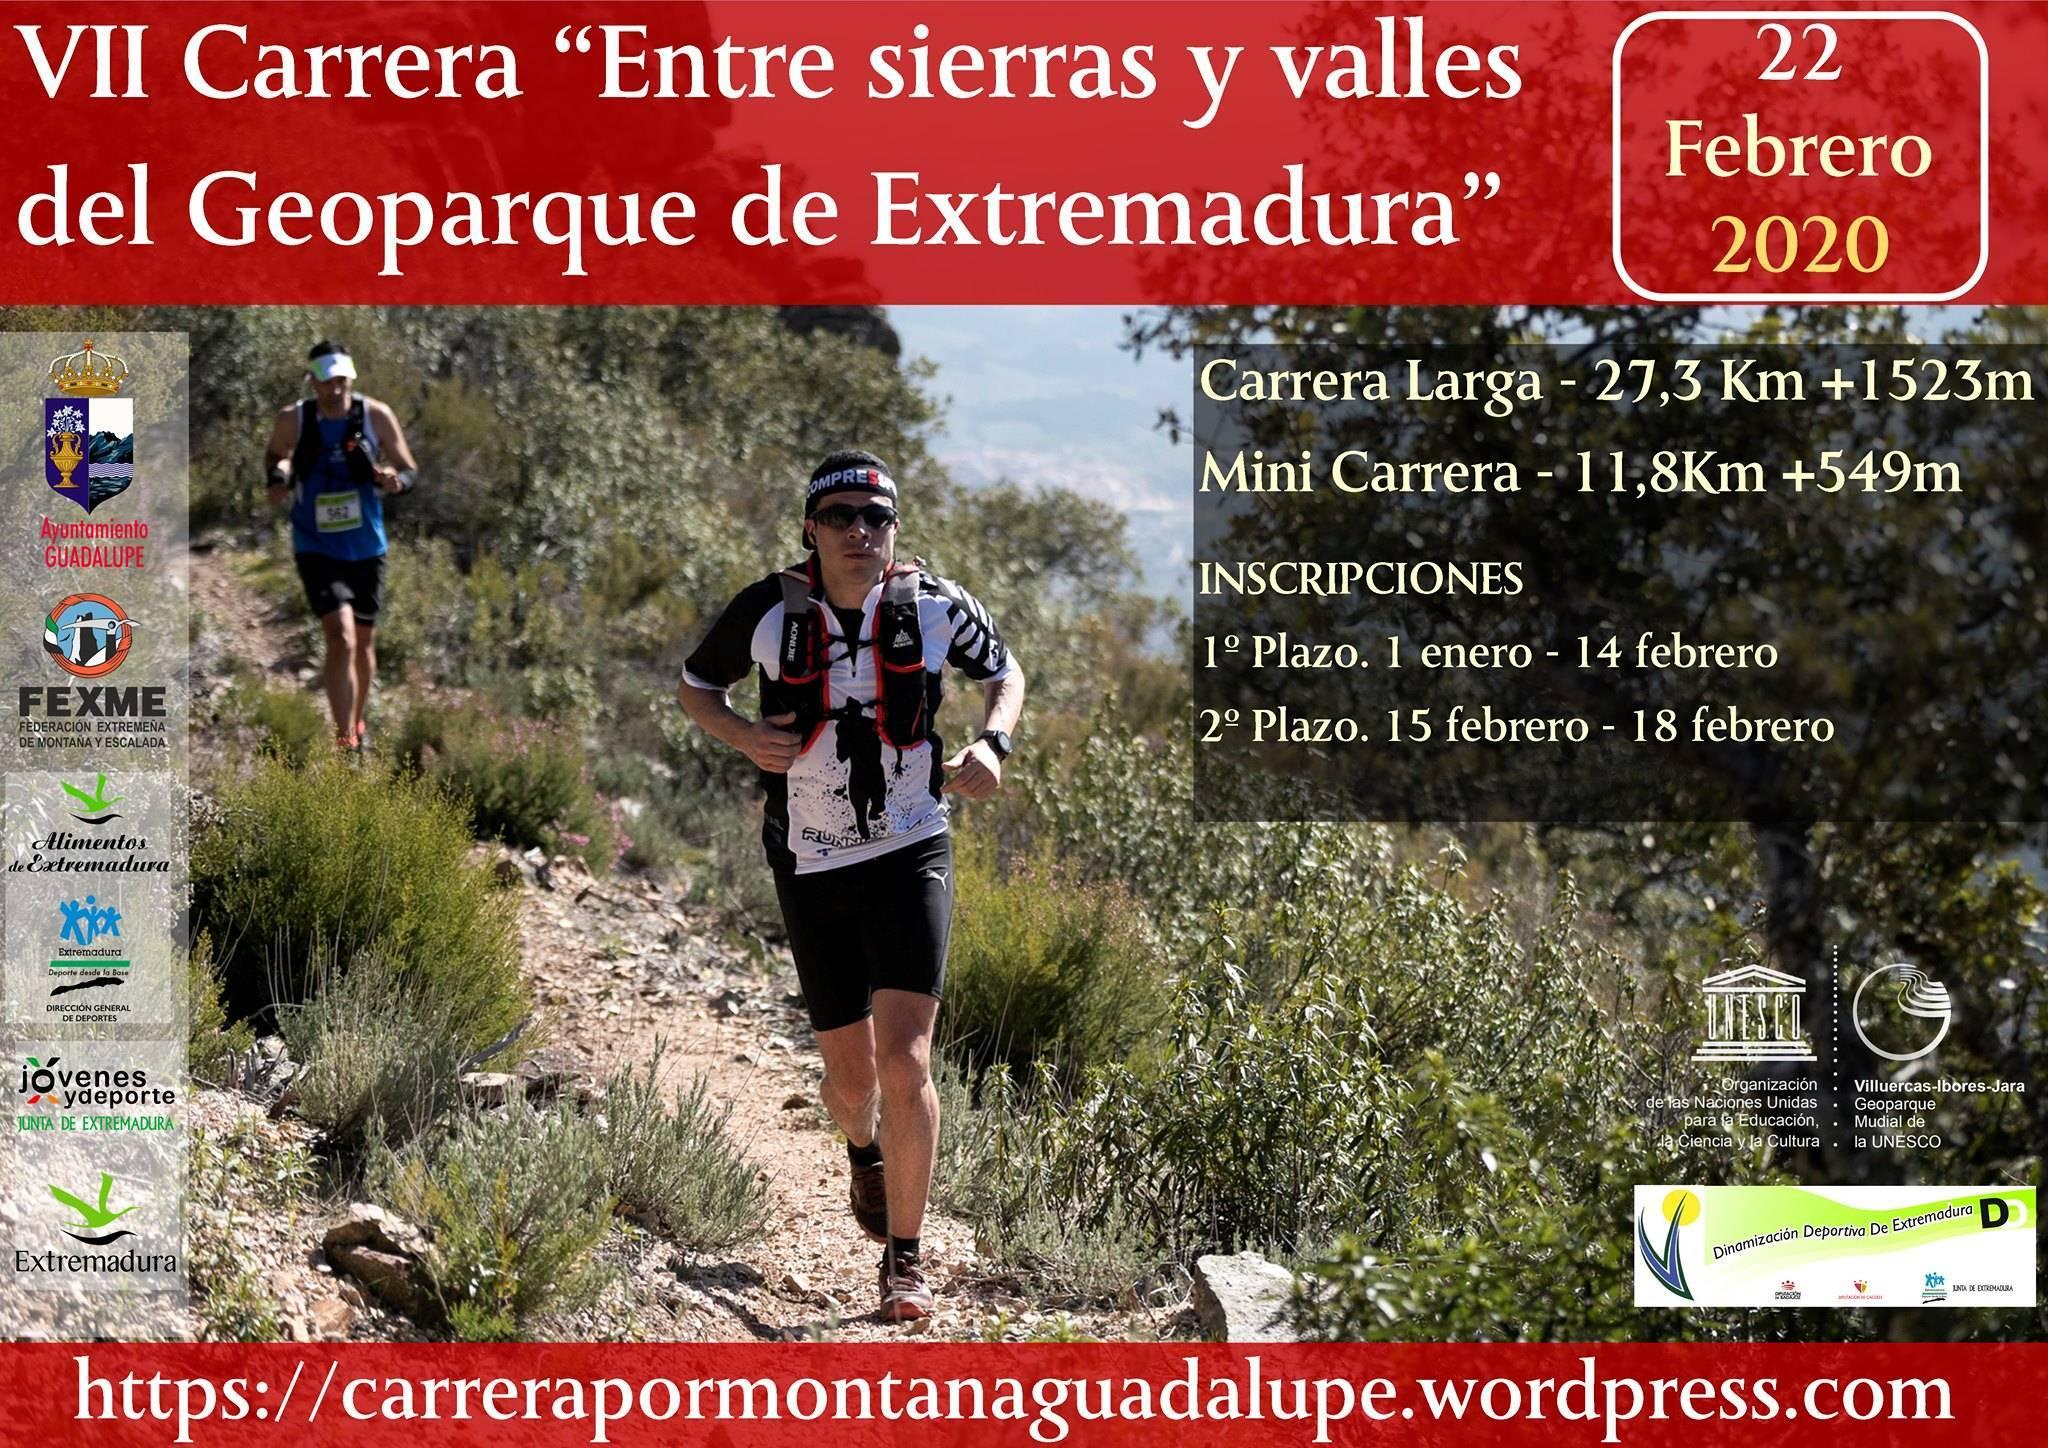 VII Carrera Entre sierras y valles del Geoparque de Extremadura - Guadalupe (Cáceres)